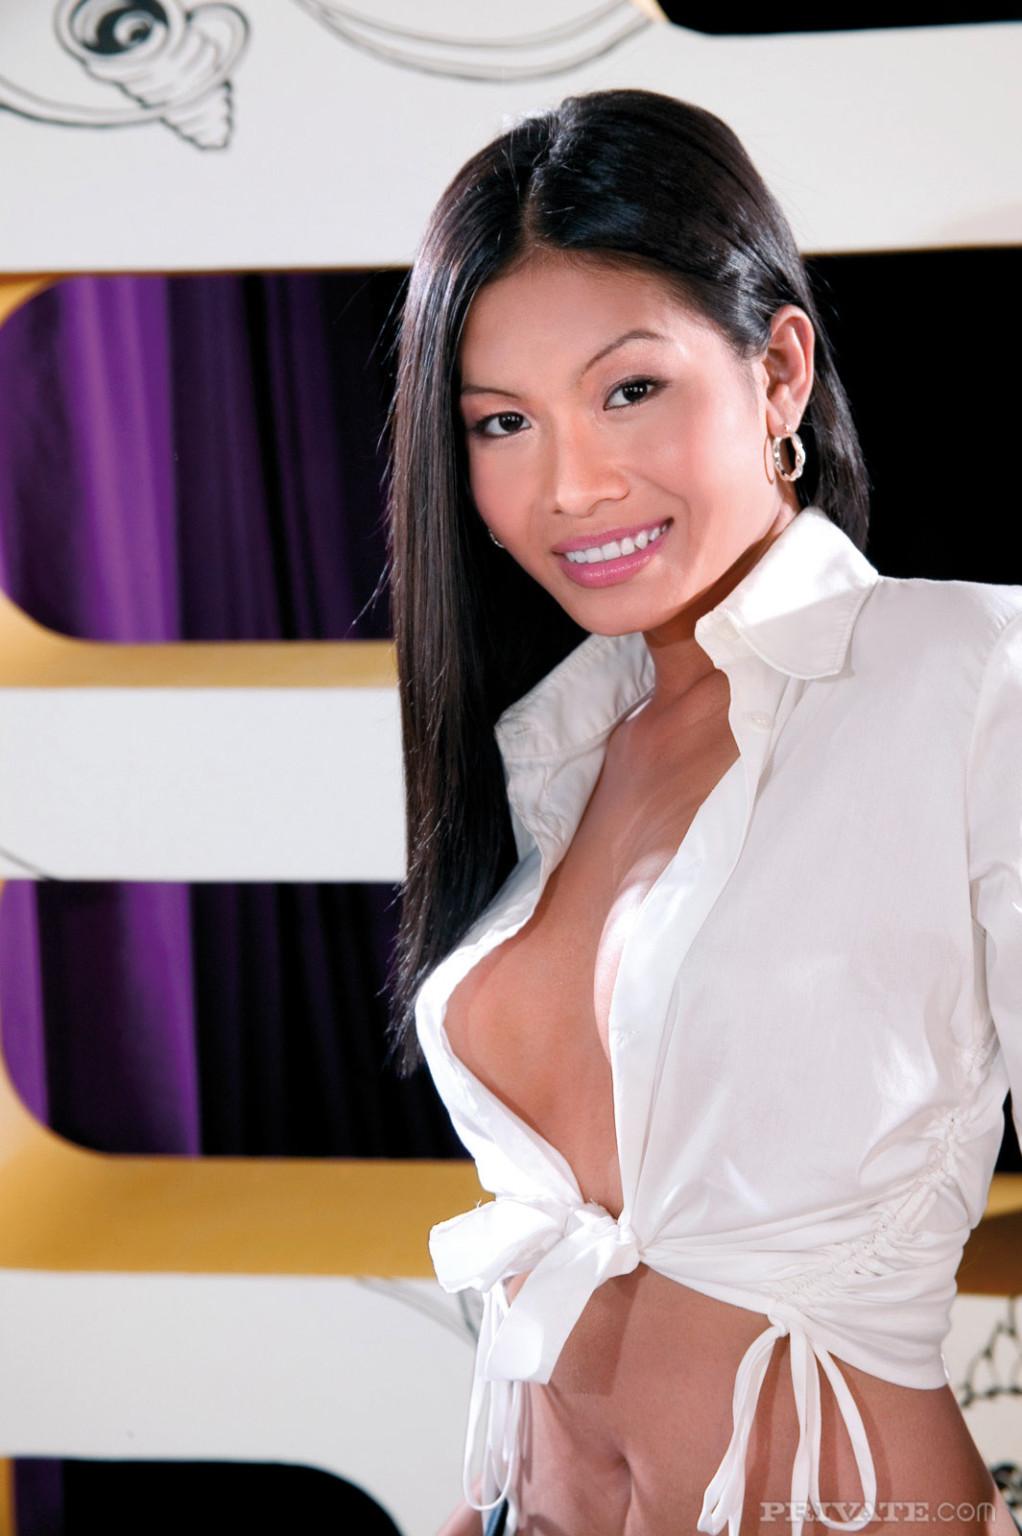 Парнишка устроил для сексапильной азиатке двойное проникновение